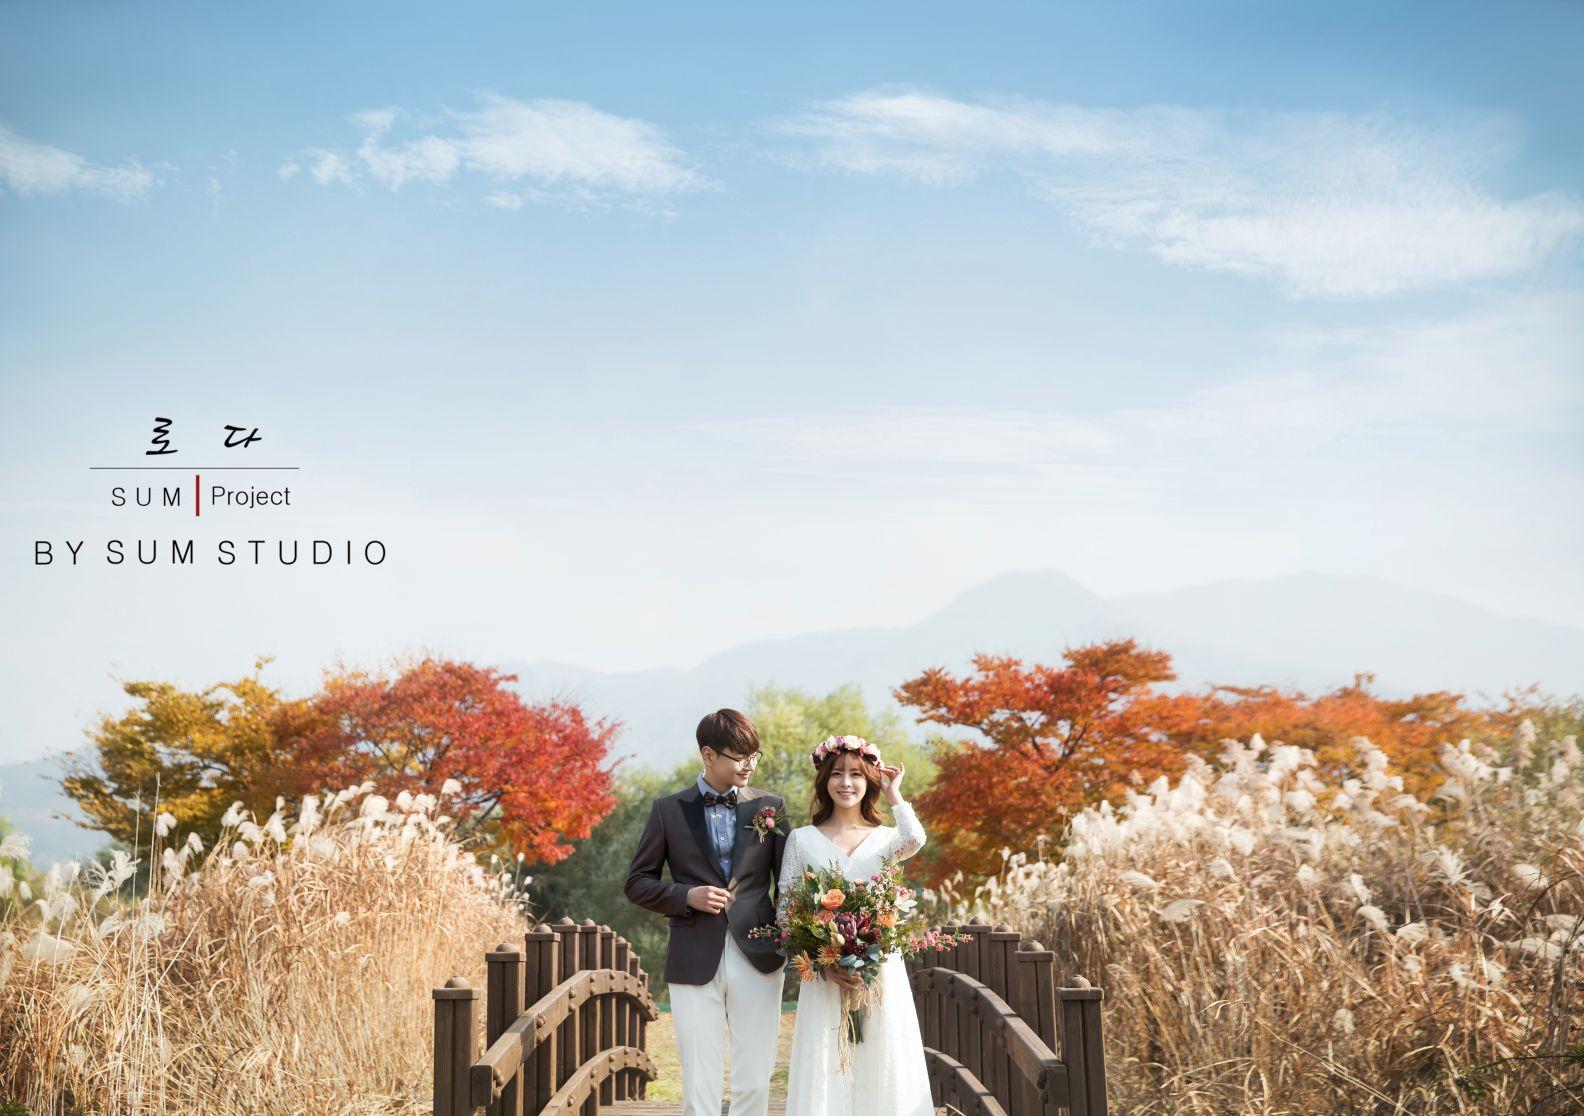 别浪费了秋季的绚烂景色 秋天婚纱照欣赏【23】